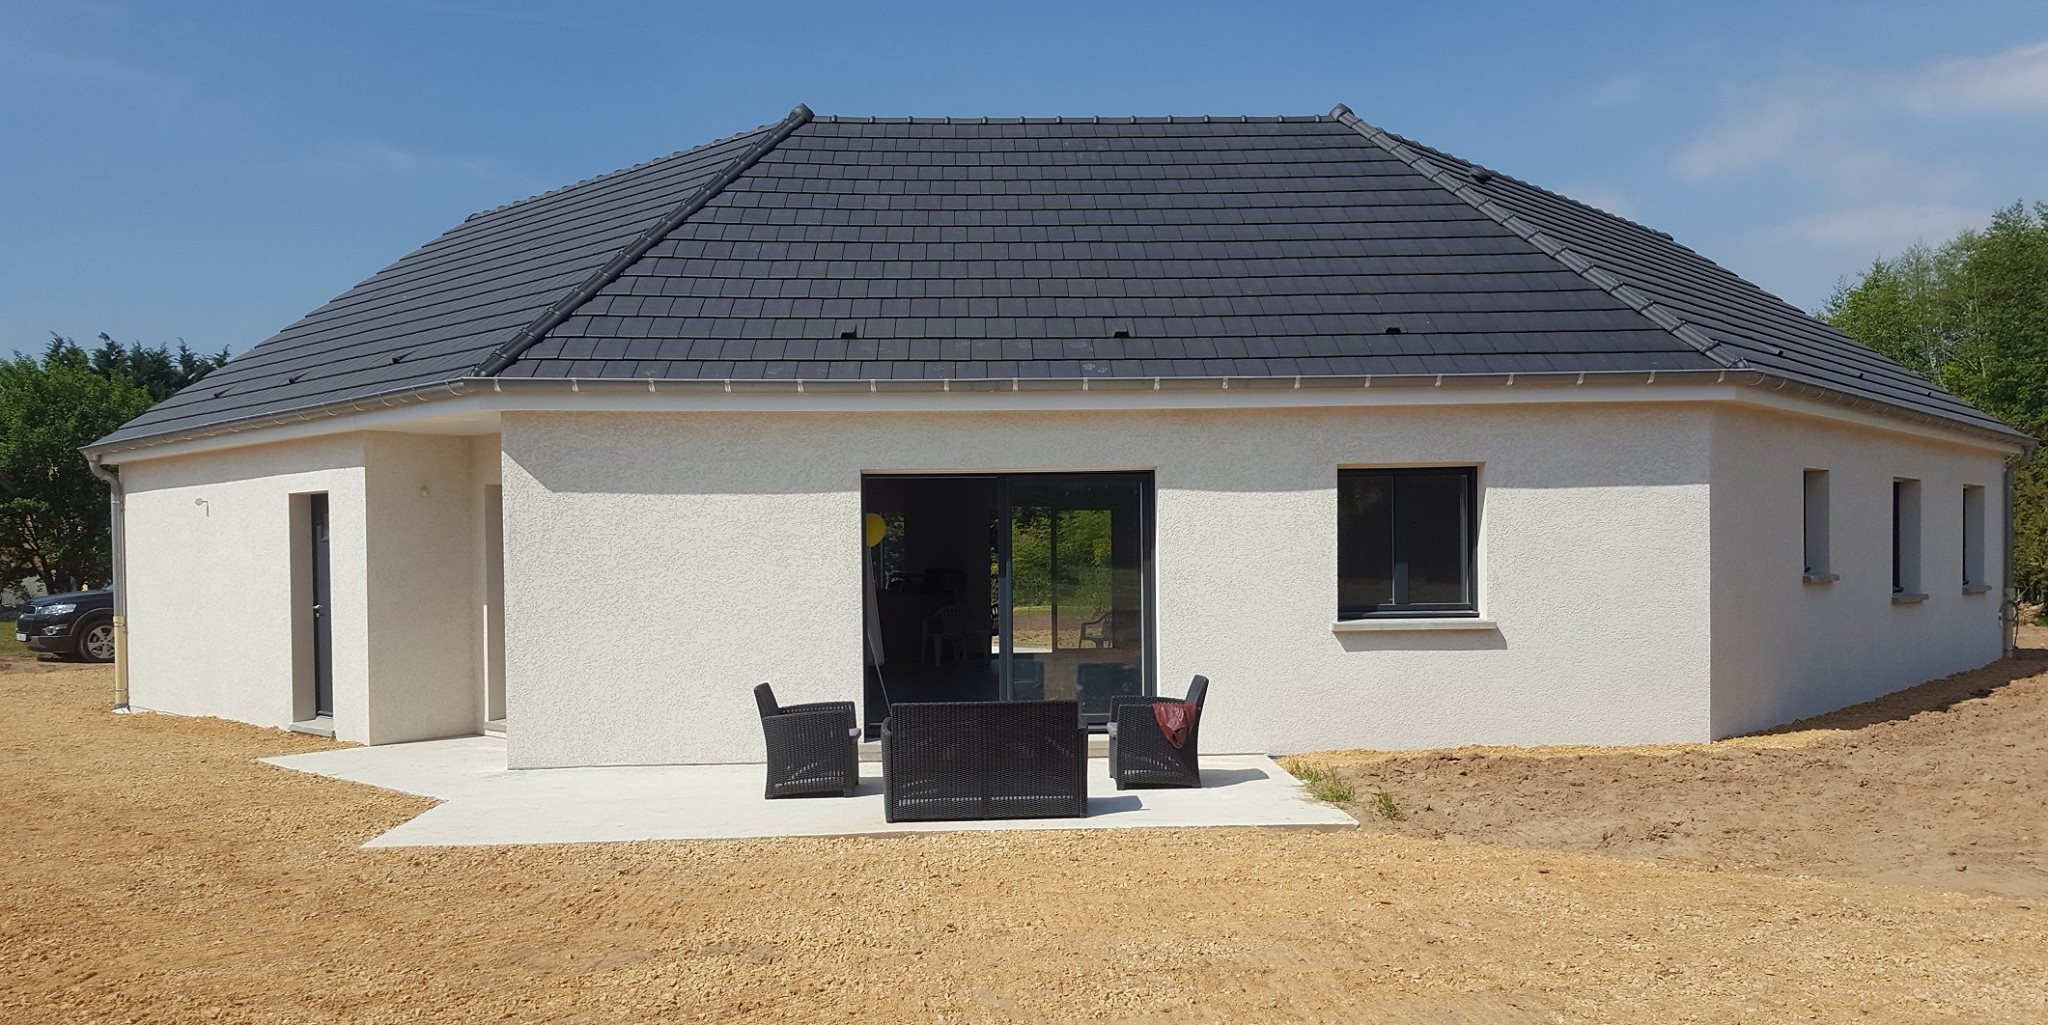 maison construite par bourgogne b tir 1 full bourgogne b tir